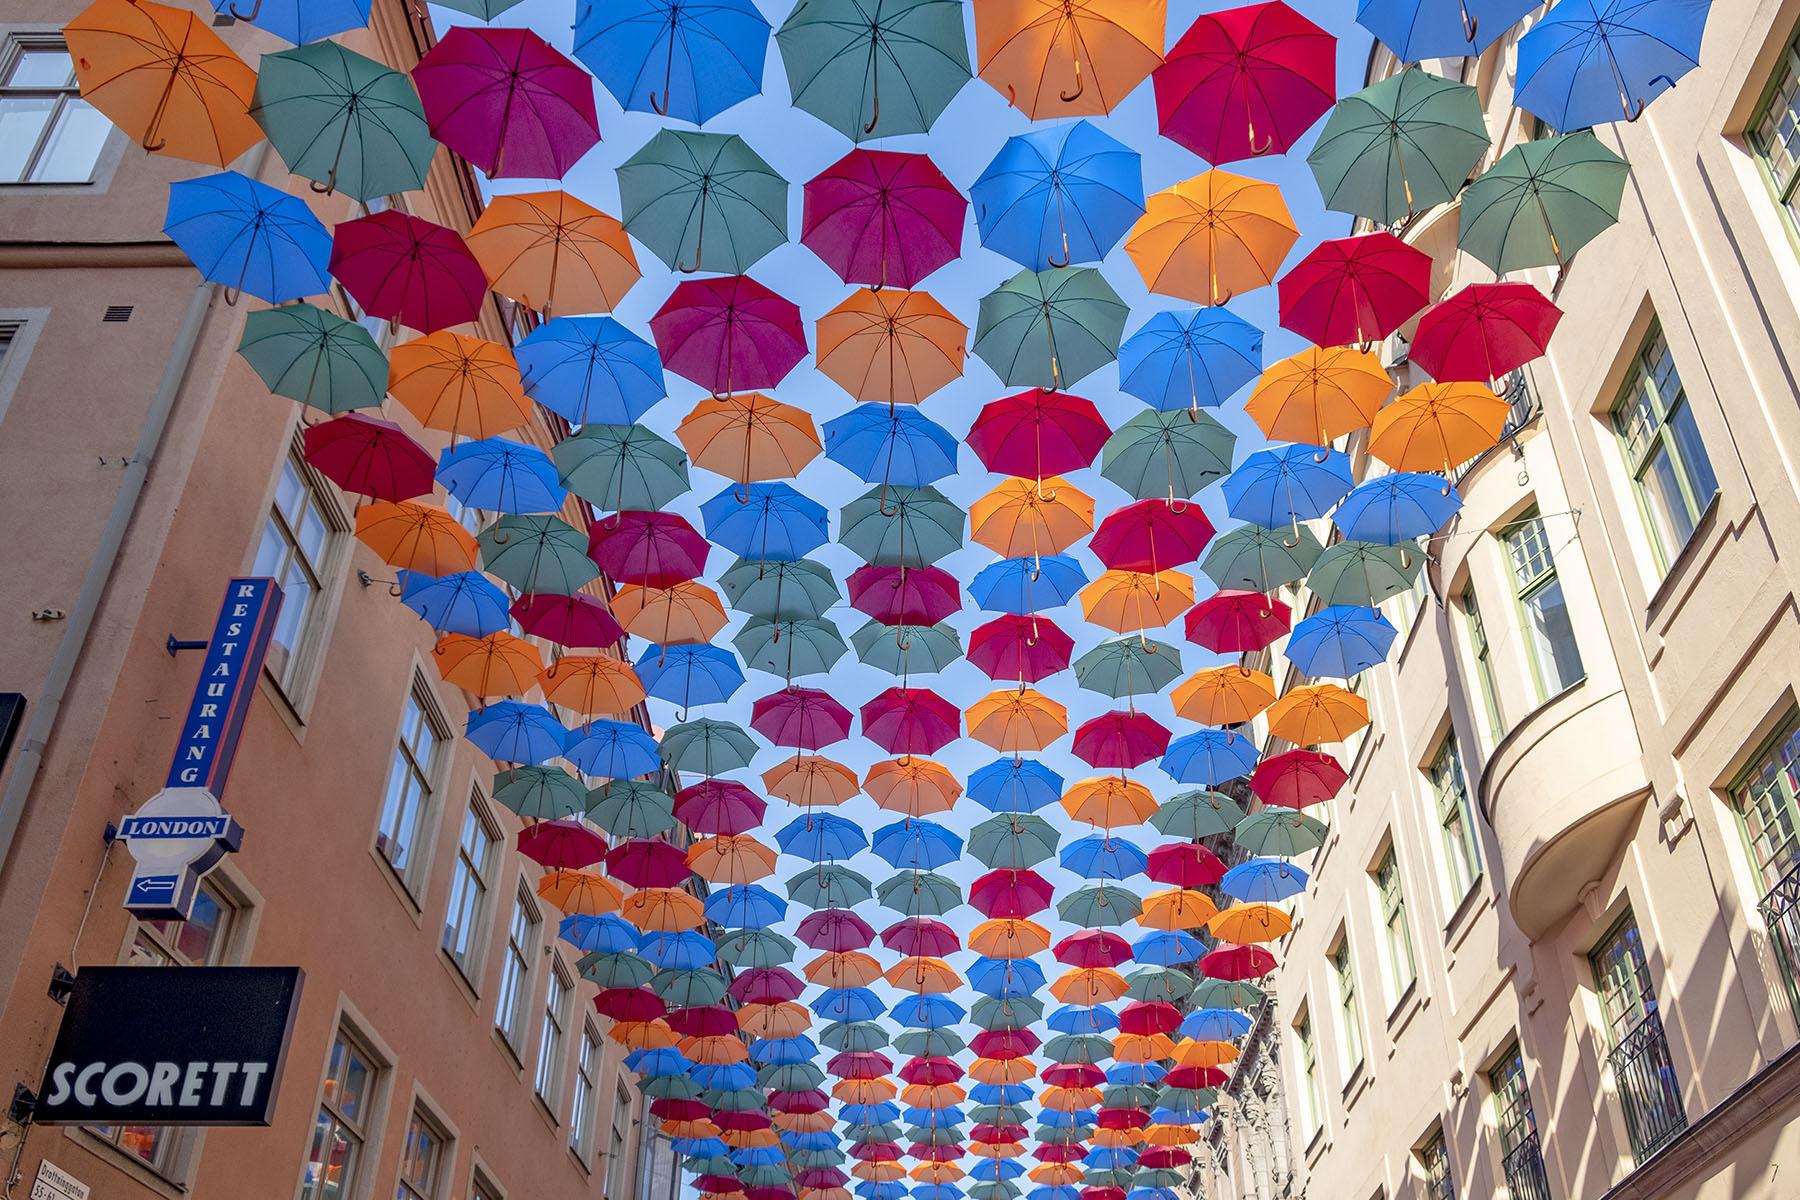 Umbrella Sky Project Stockholm